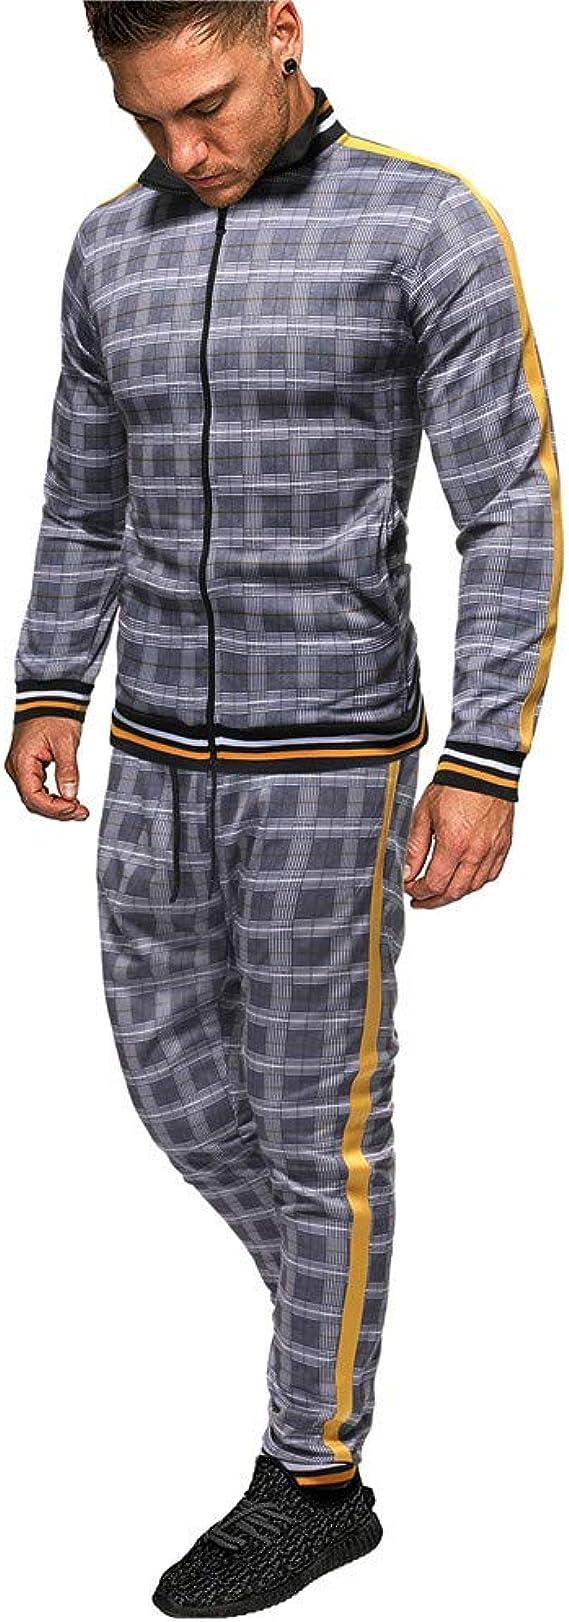 Tefamore Chandal Hombre Completo Sudadera con Cremallera Estampada A Cuadros De OtoñO para Hombre Pantalones Superiores Conjuntos Traje Deportivo CháNdal: Amazon.es: Ropa y accesorios